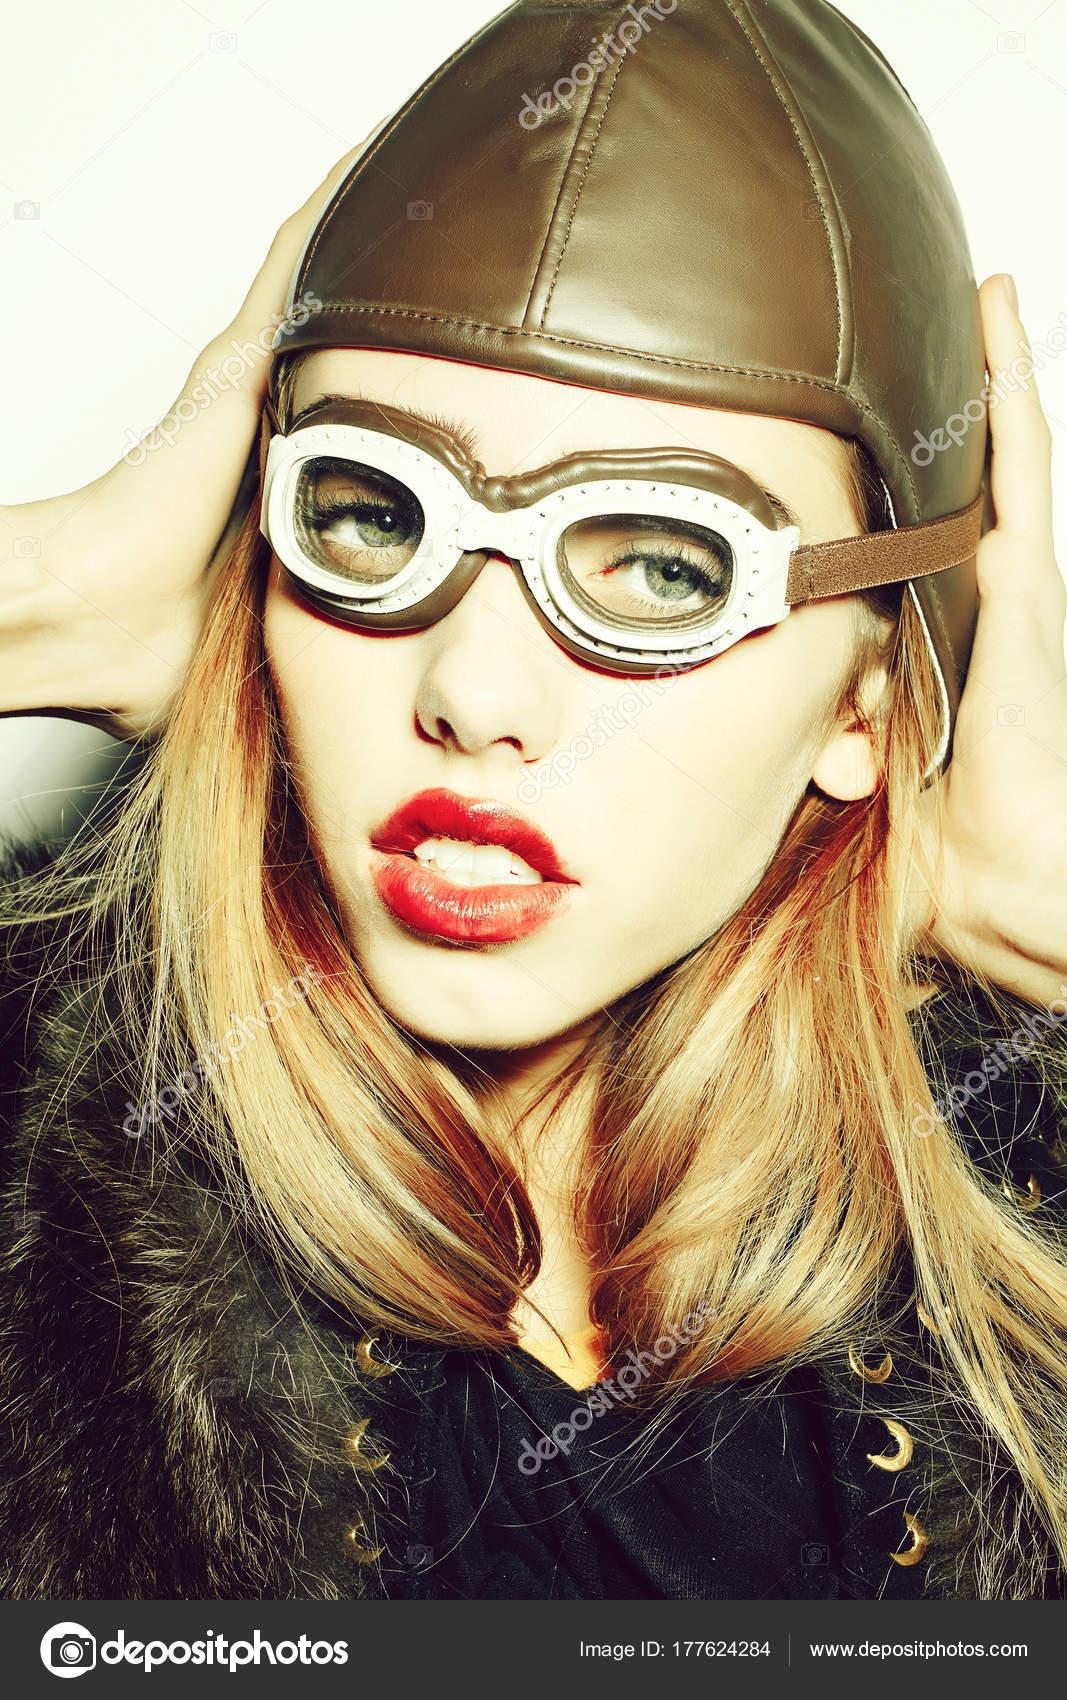 c9365d4545901 Sexy chica sorprendida moda joven o mujer piloto con hermosos labios rojos  en la cara bastante Linda aviación casquillo o sombrero y gafas aislados  sobre ...